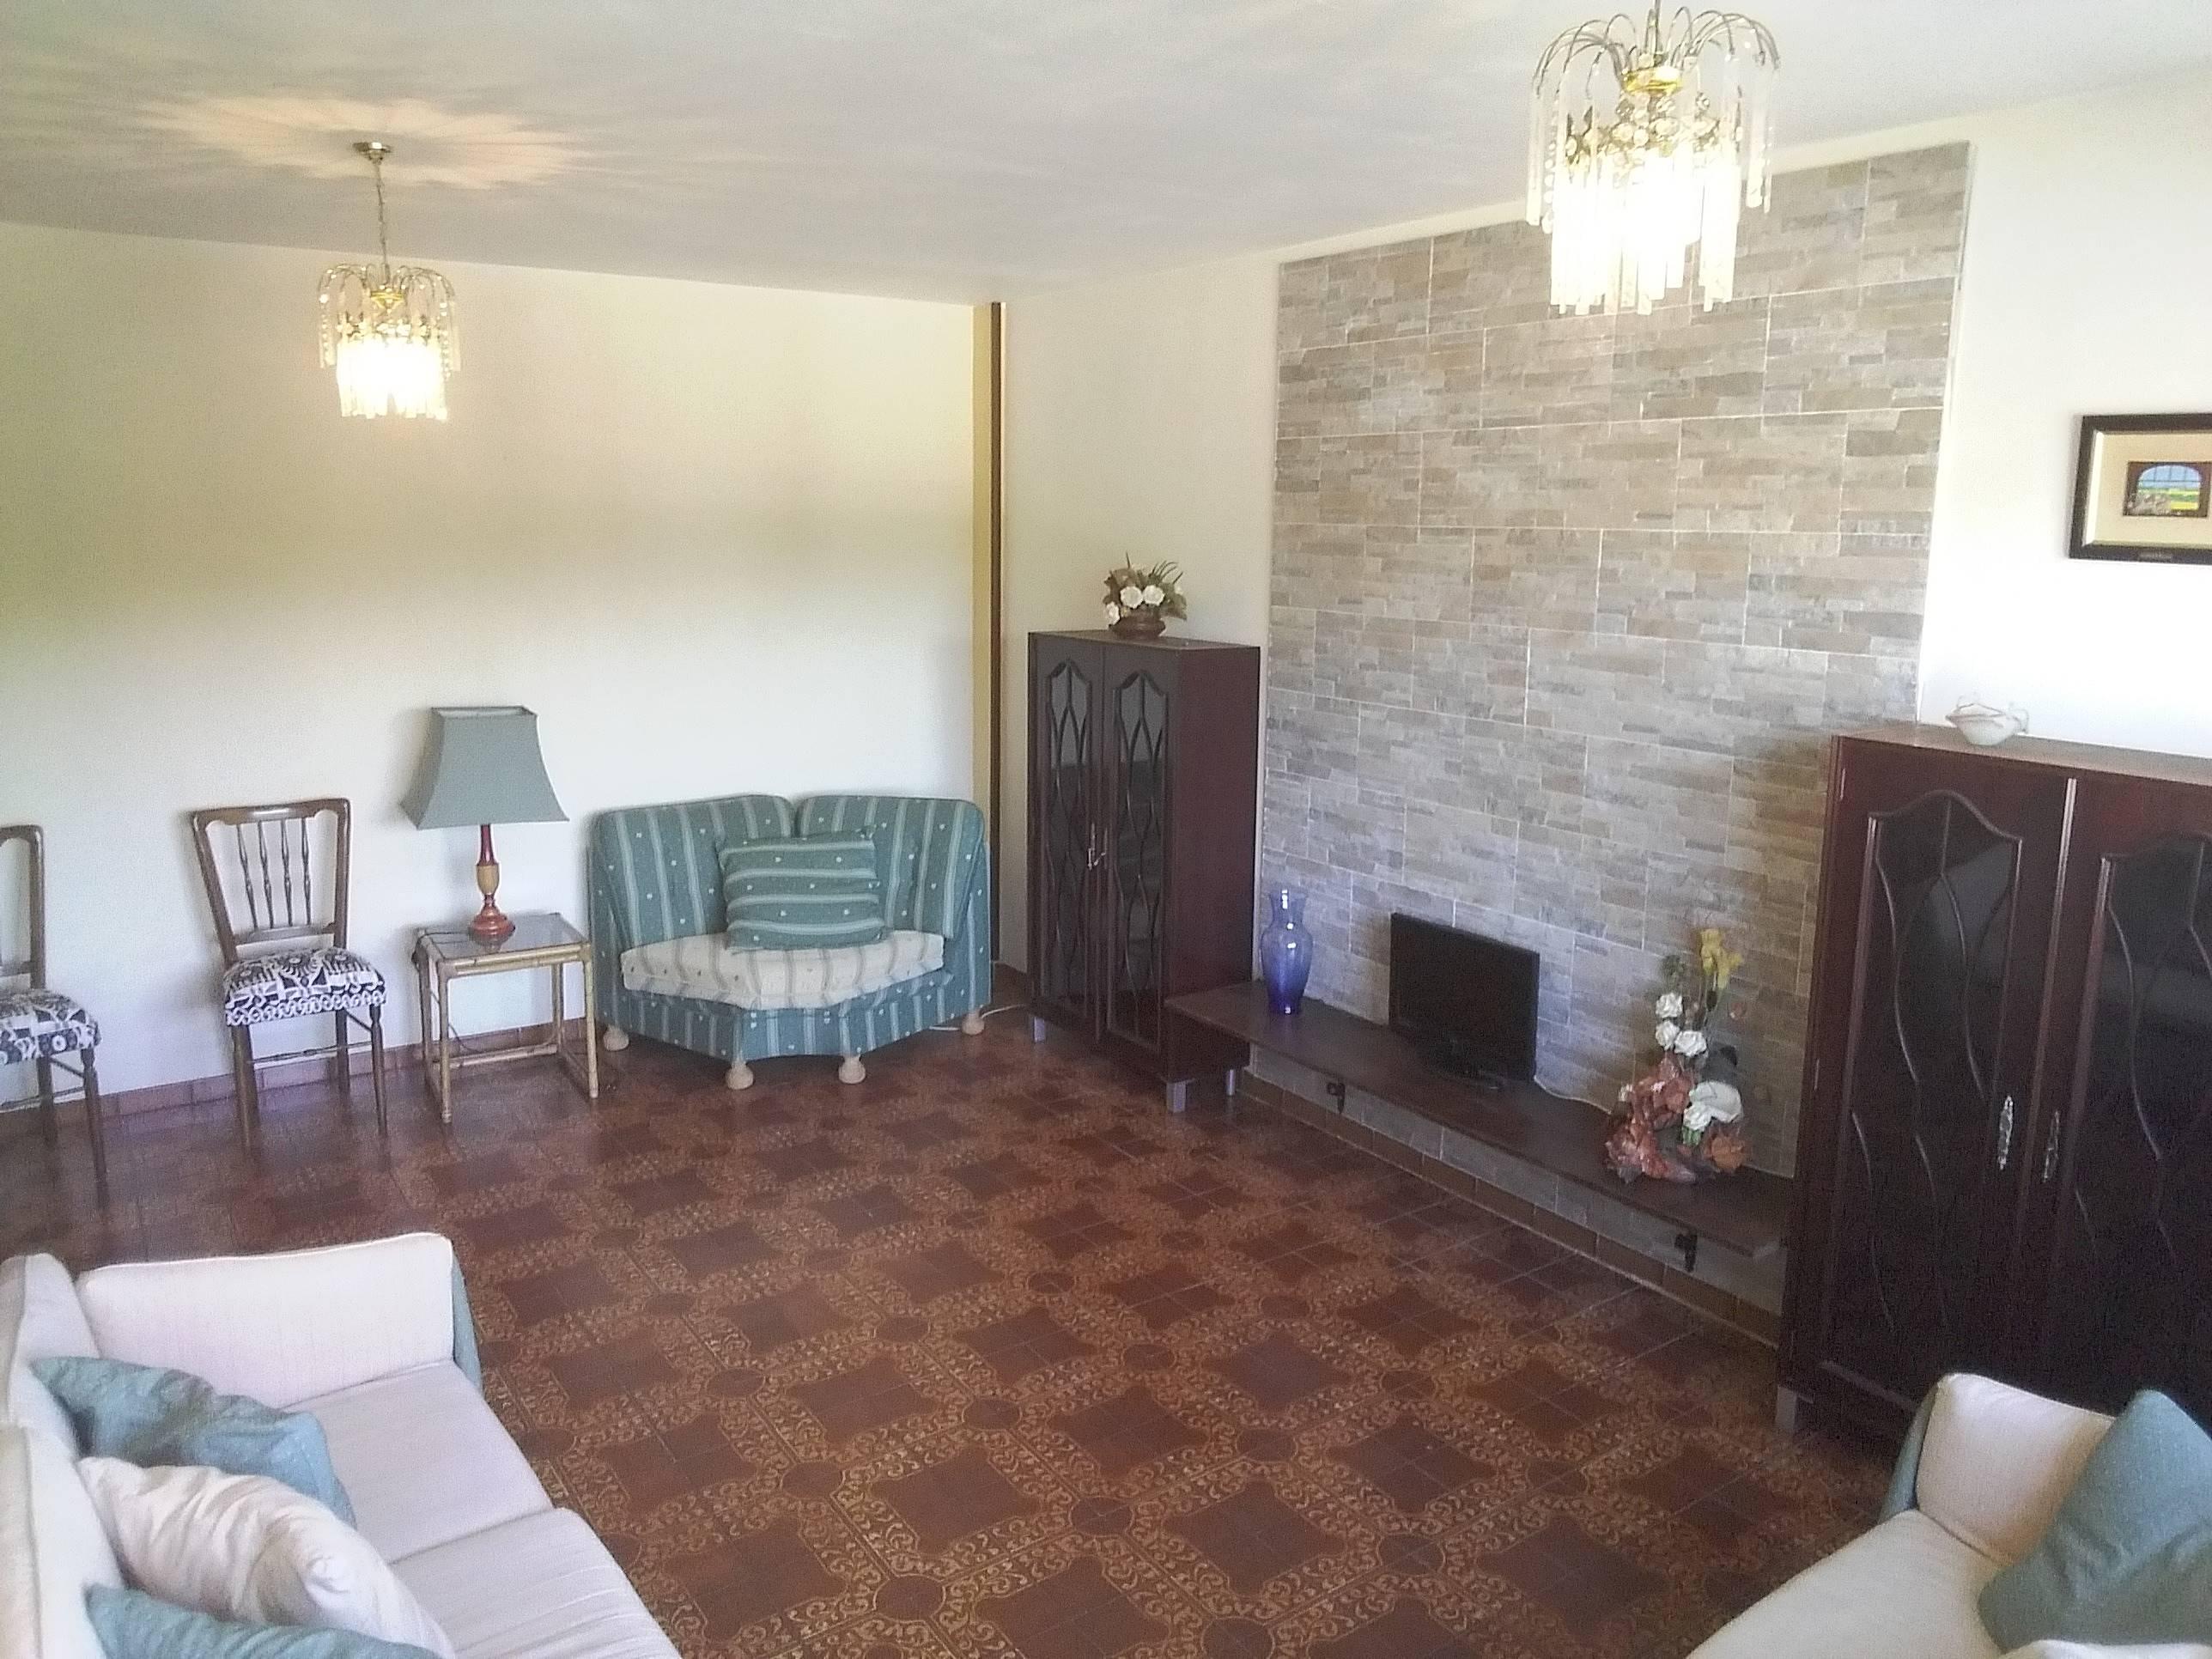 Alquiler vacaciones, apartamentos y casas rurales en Arteixo - A ...